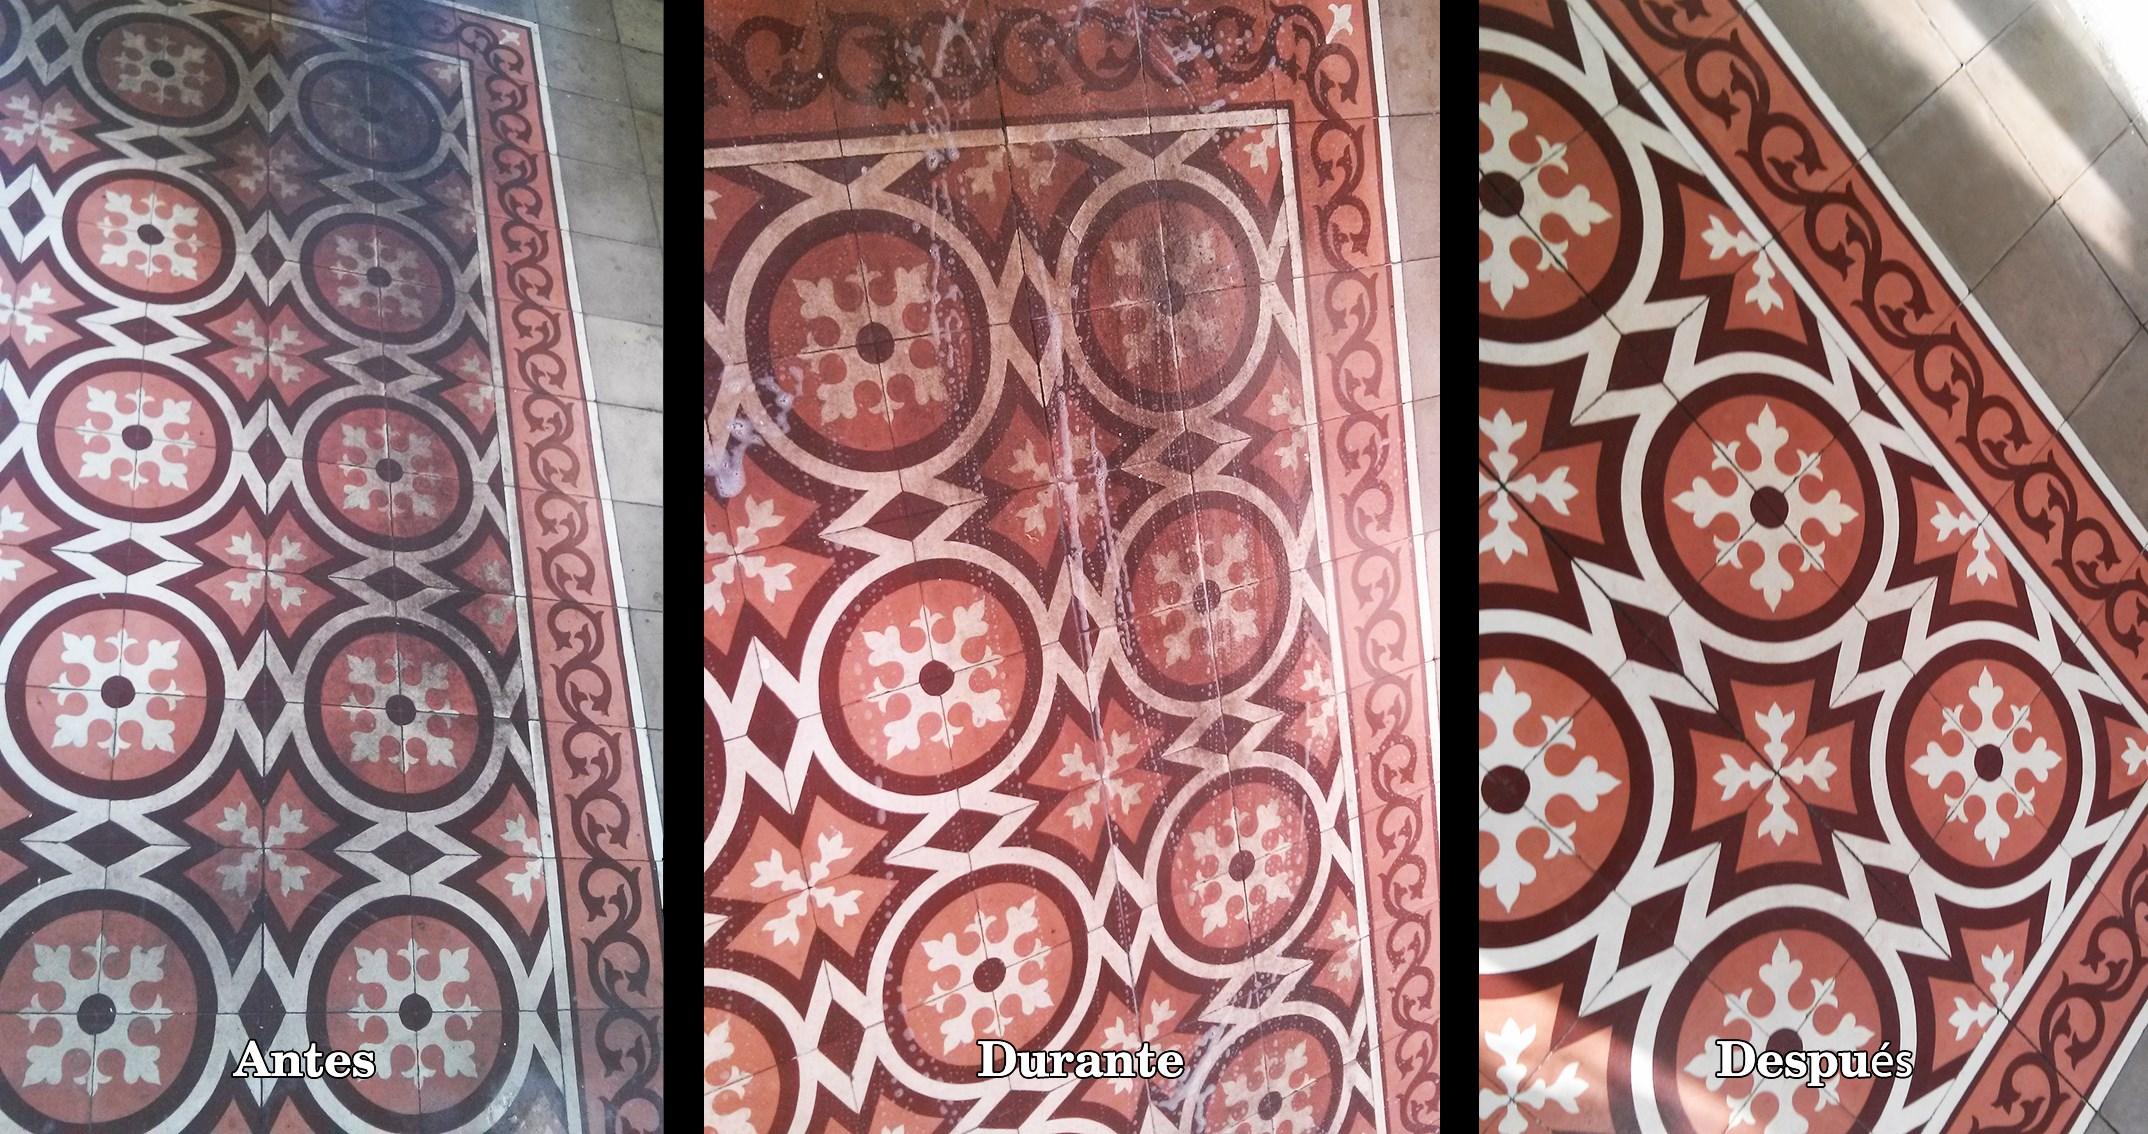 C mo recuperar un suelo de mosaico hidr ulico muy deteriorado for Suelo hidraulico antiguo